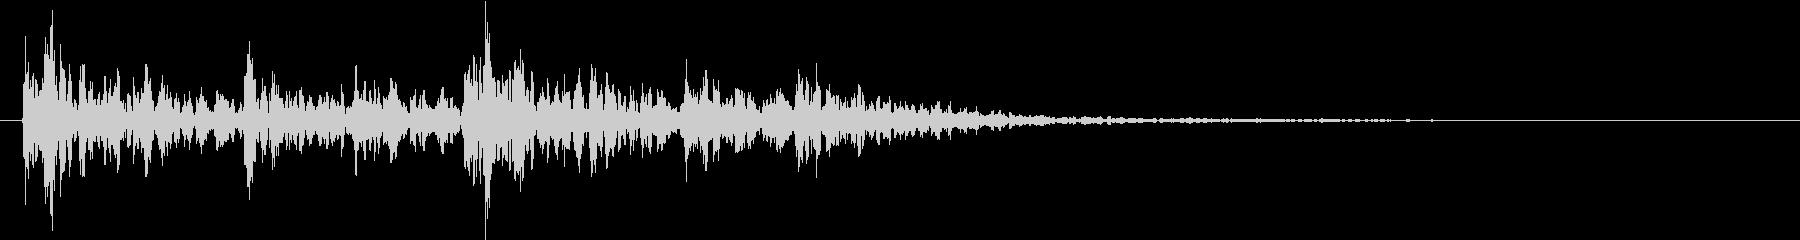 シネマ3の未再生の波形